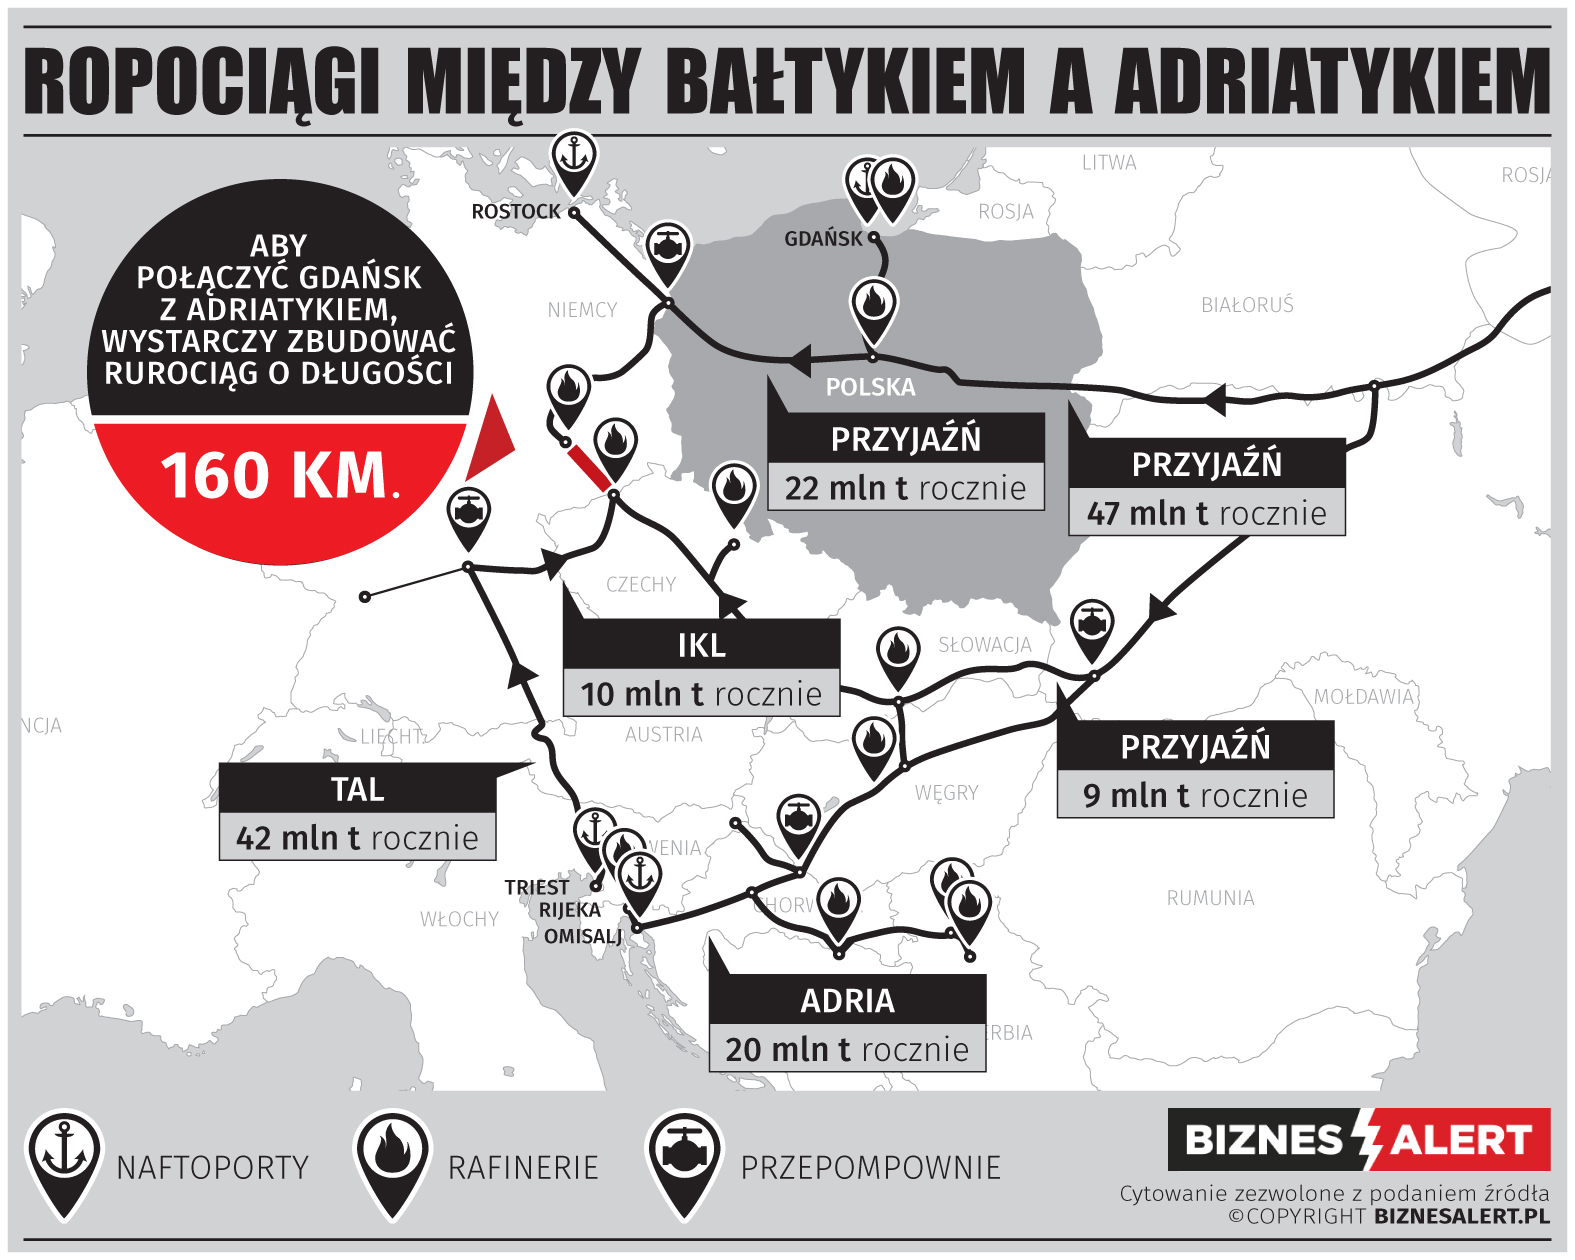 Ropociągi w Europie Środkowo-Wschodniej. Fot. BiznesAlert.pl